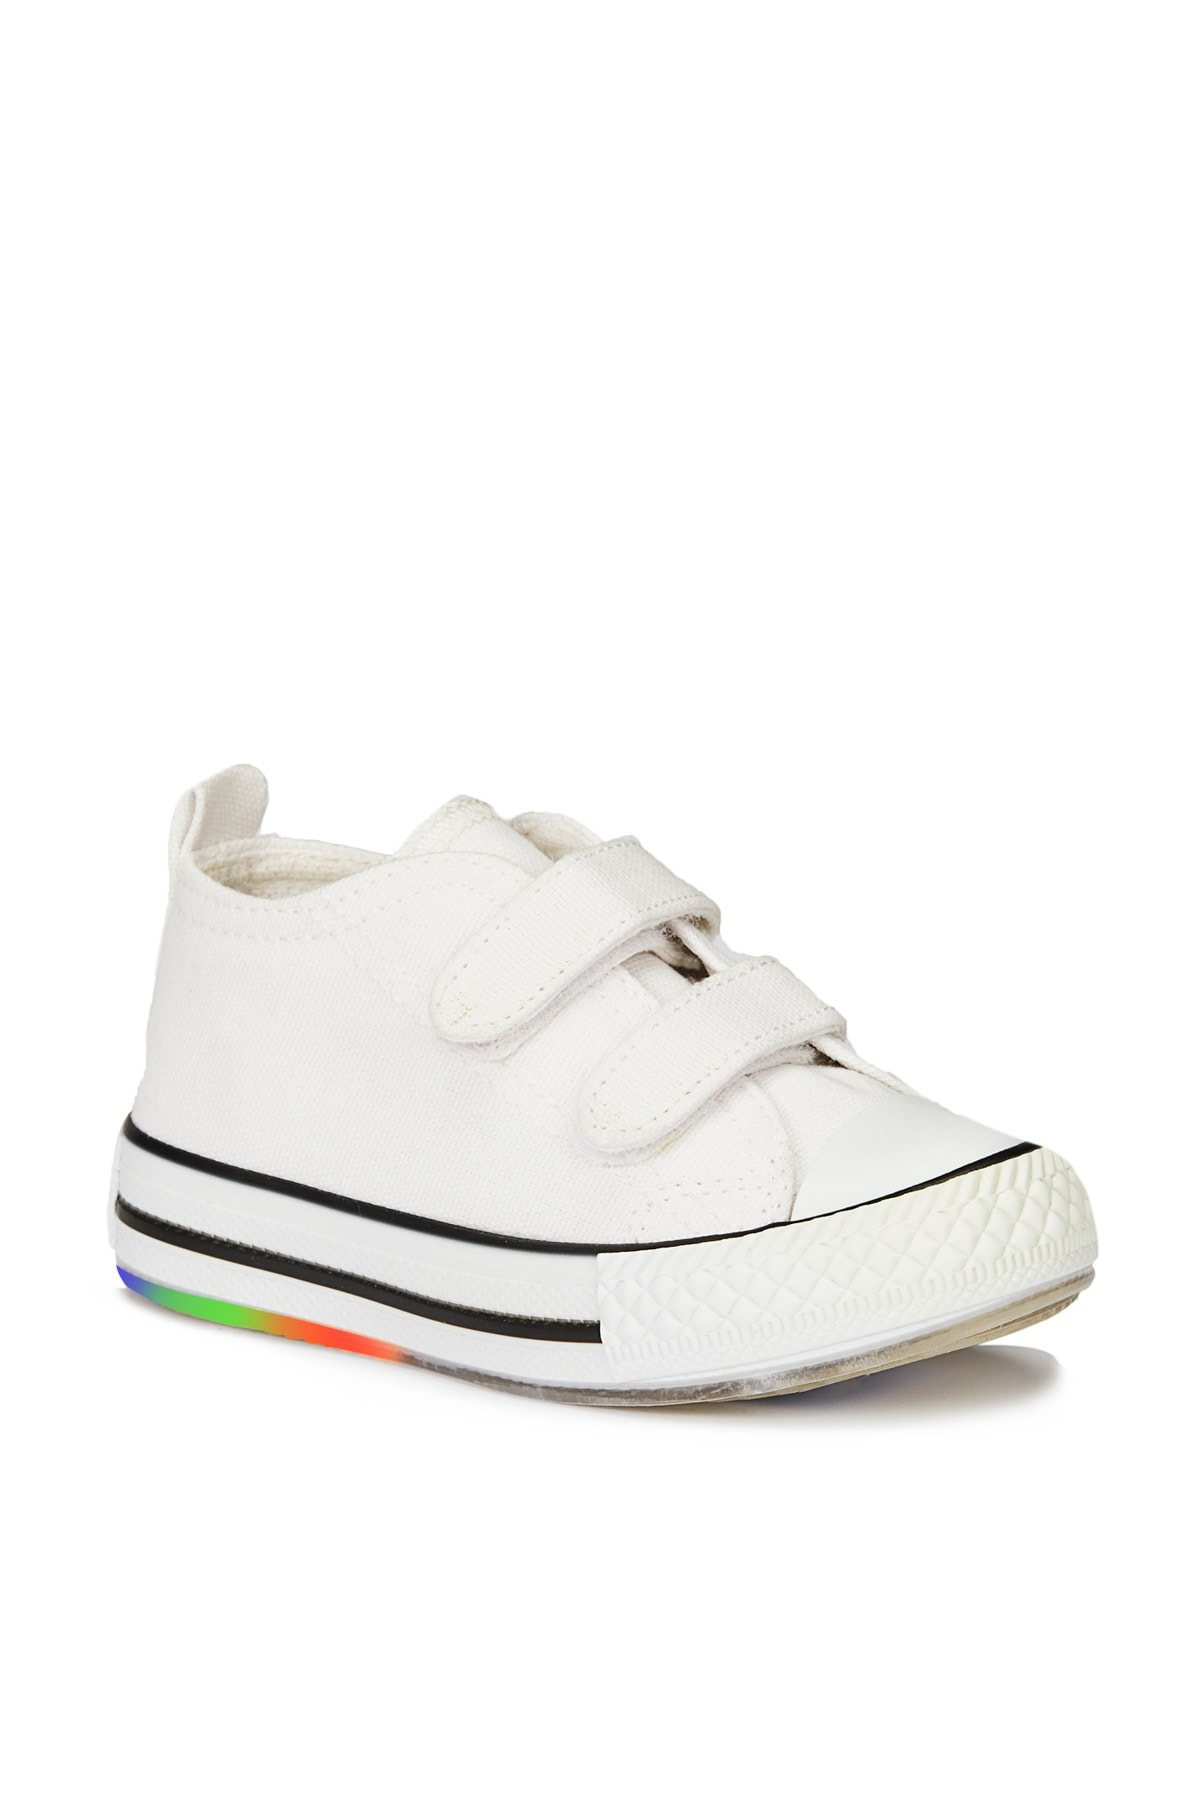 Vicco Pino Unisex Bebe Beyaz Spor Ayakkabı 1